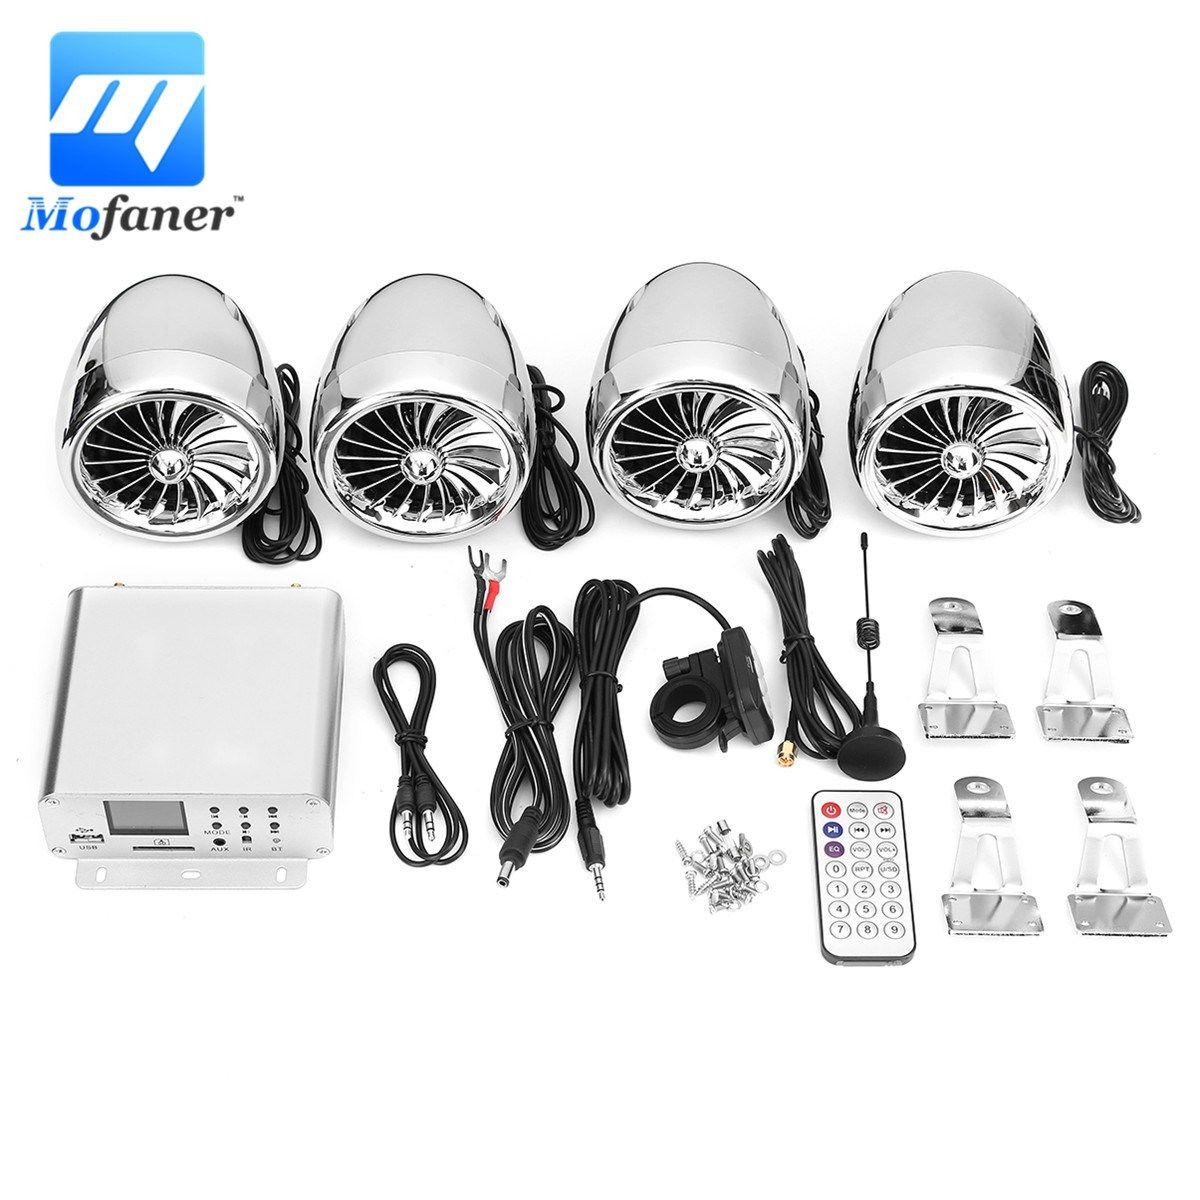 Mofaner 12V LCD Motorbike Audio Bluetooth 4 Speakers+Amplifier Handlebar System For Motorbike ATV 1000W